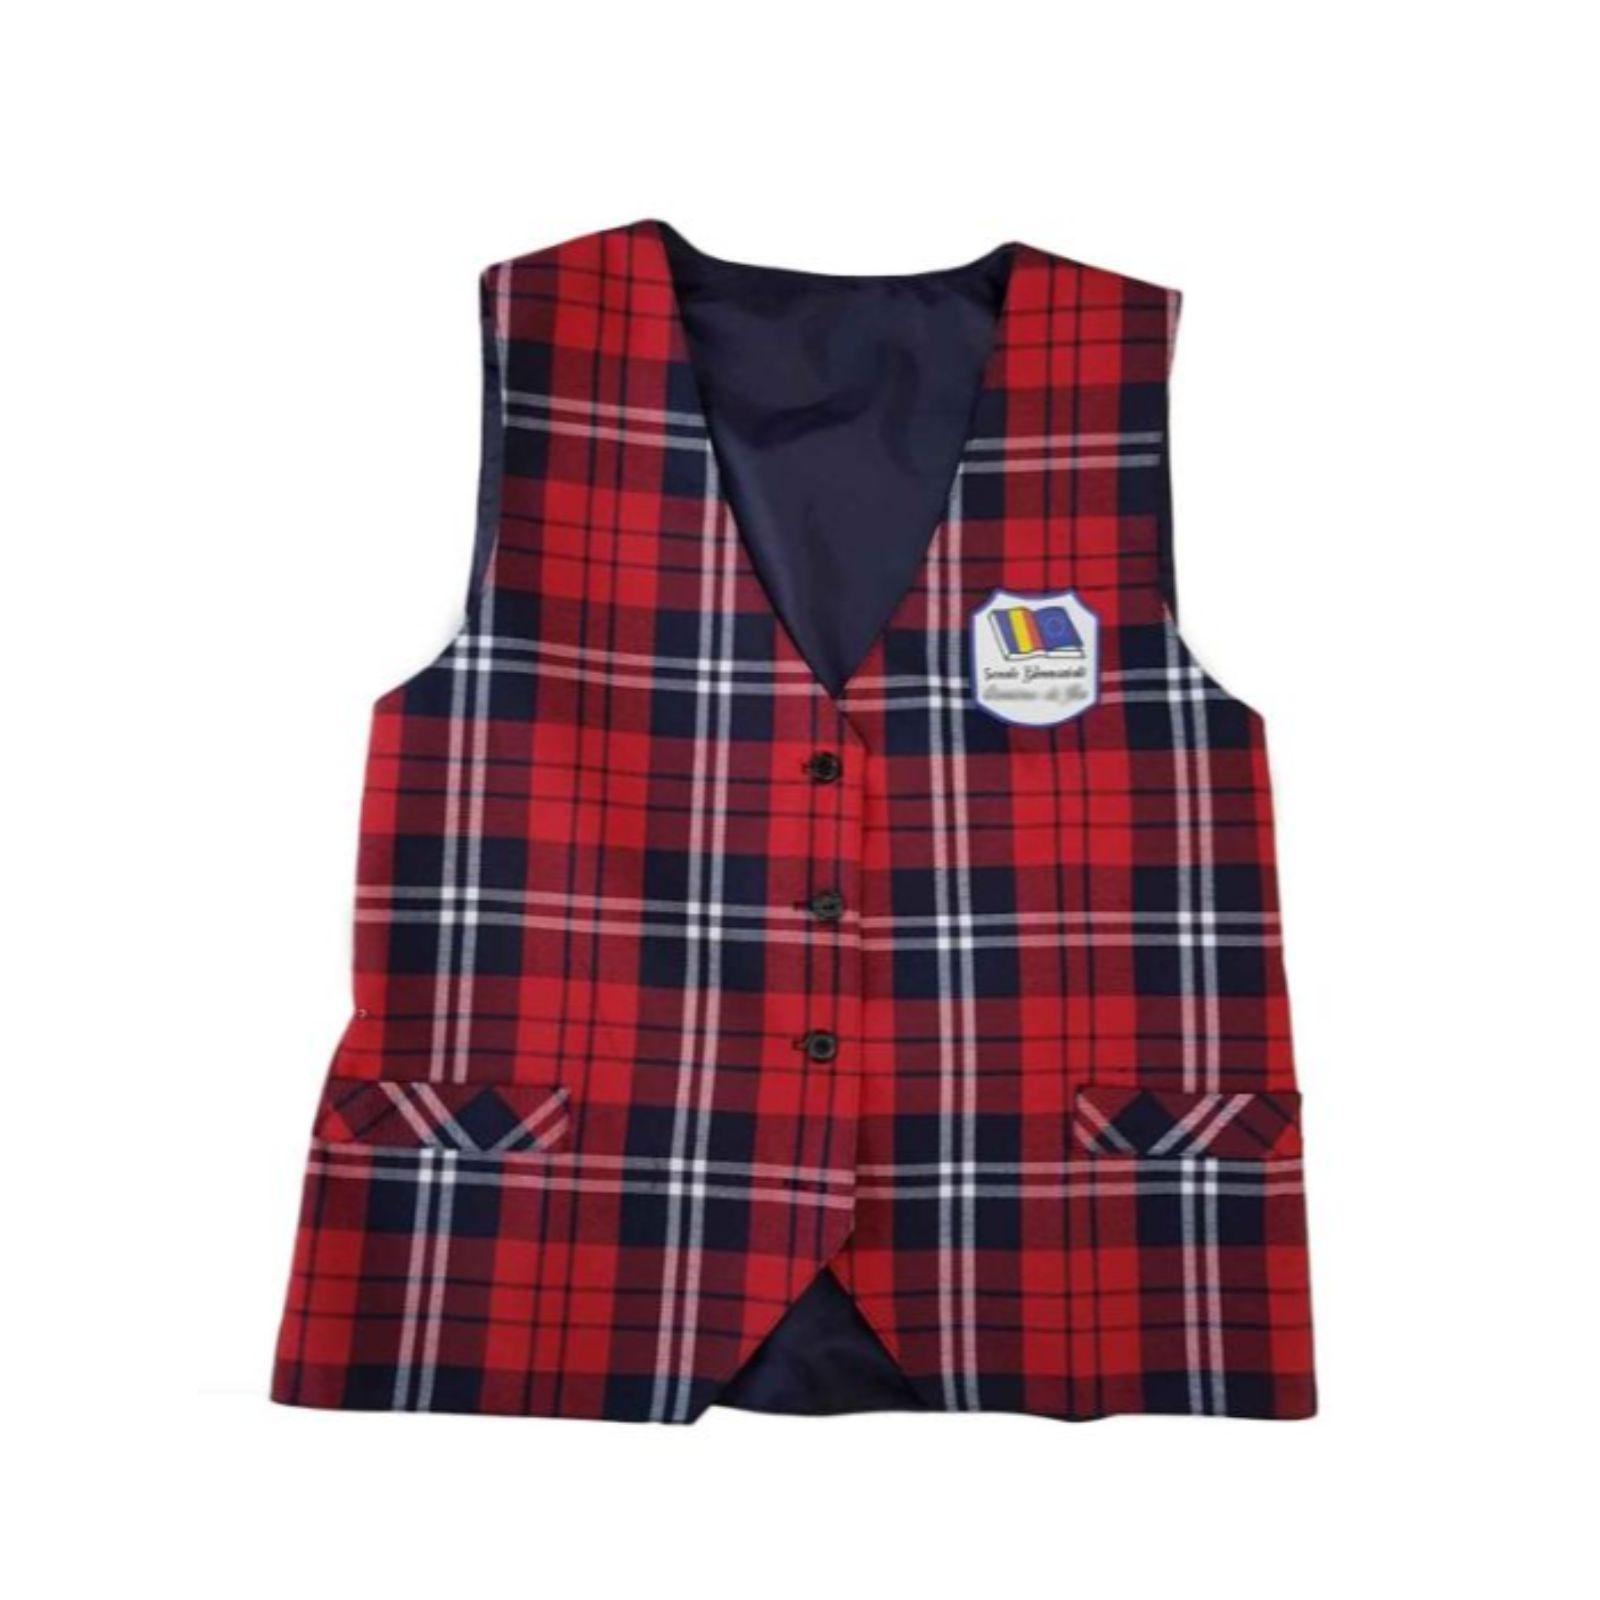 Vesta rosie carouri mari – uniforma scolara 1